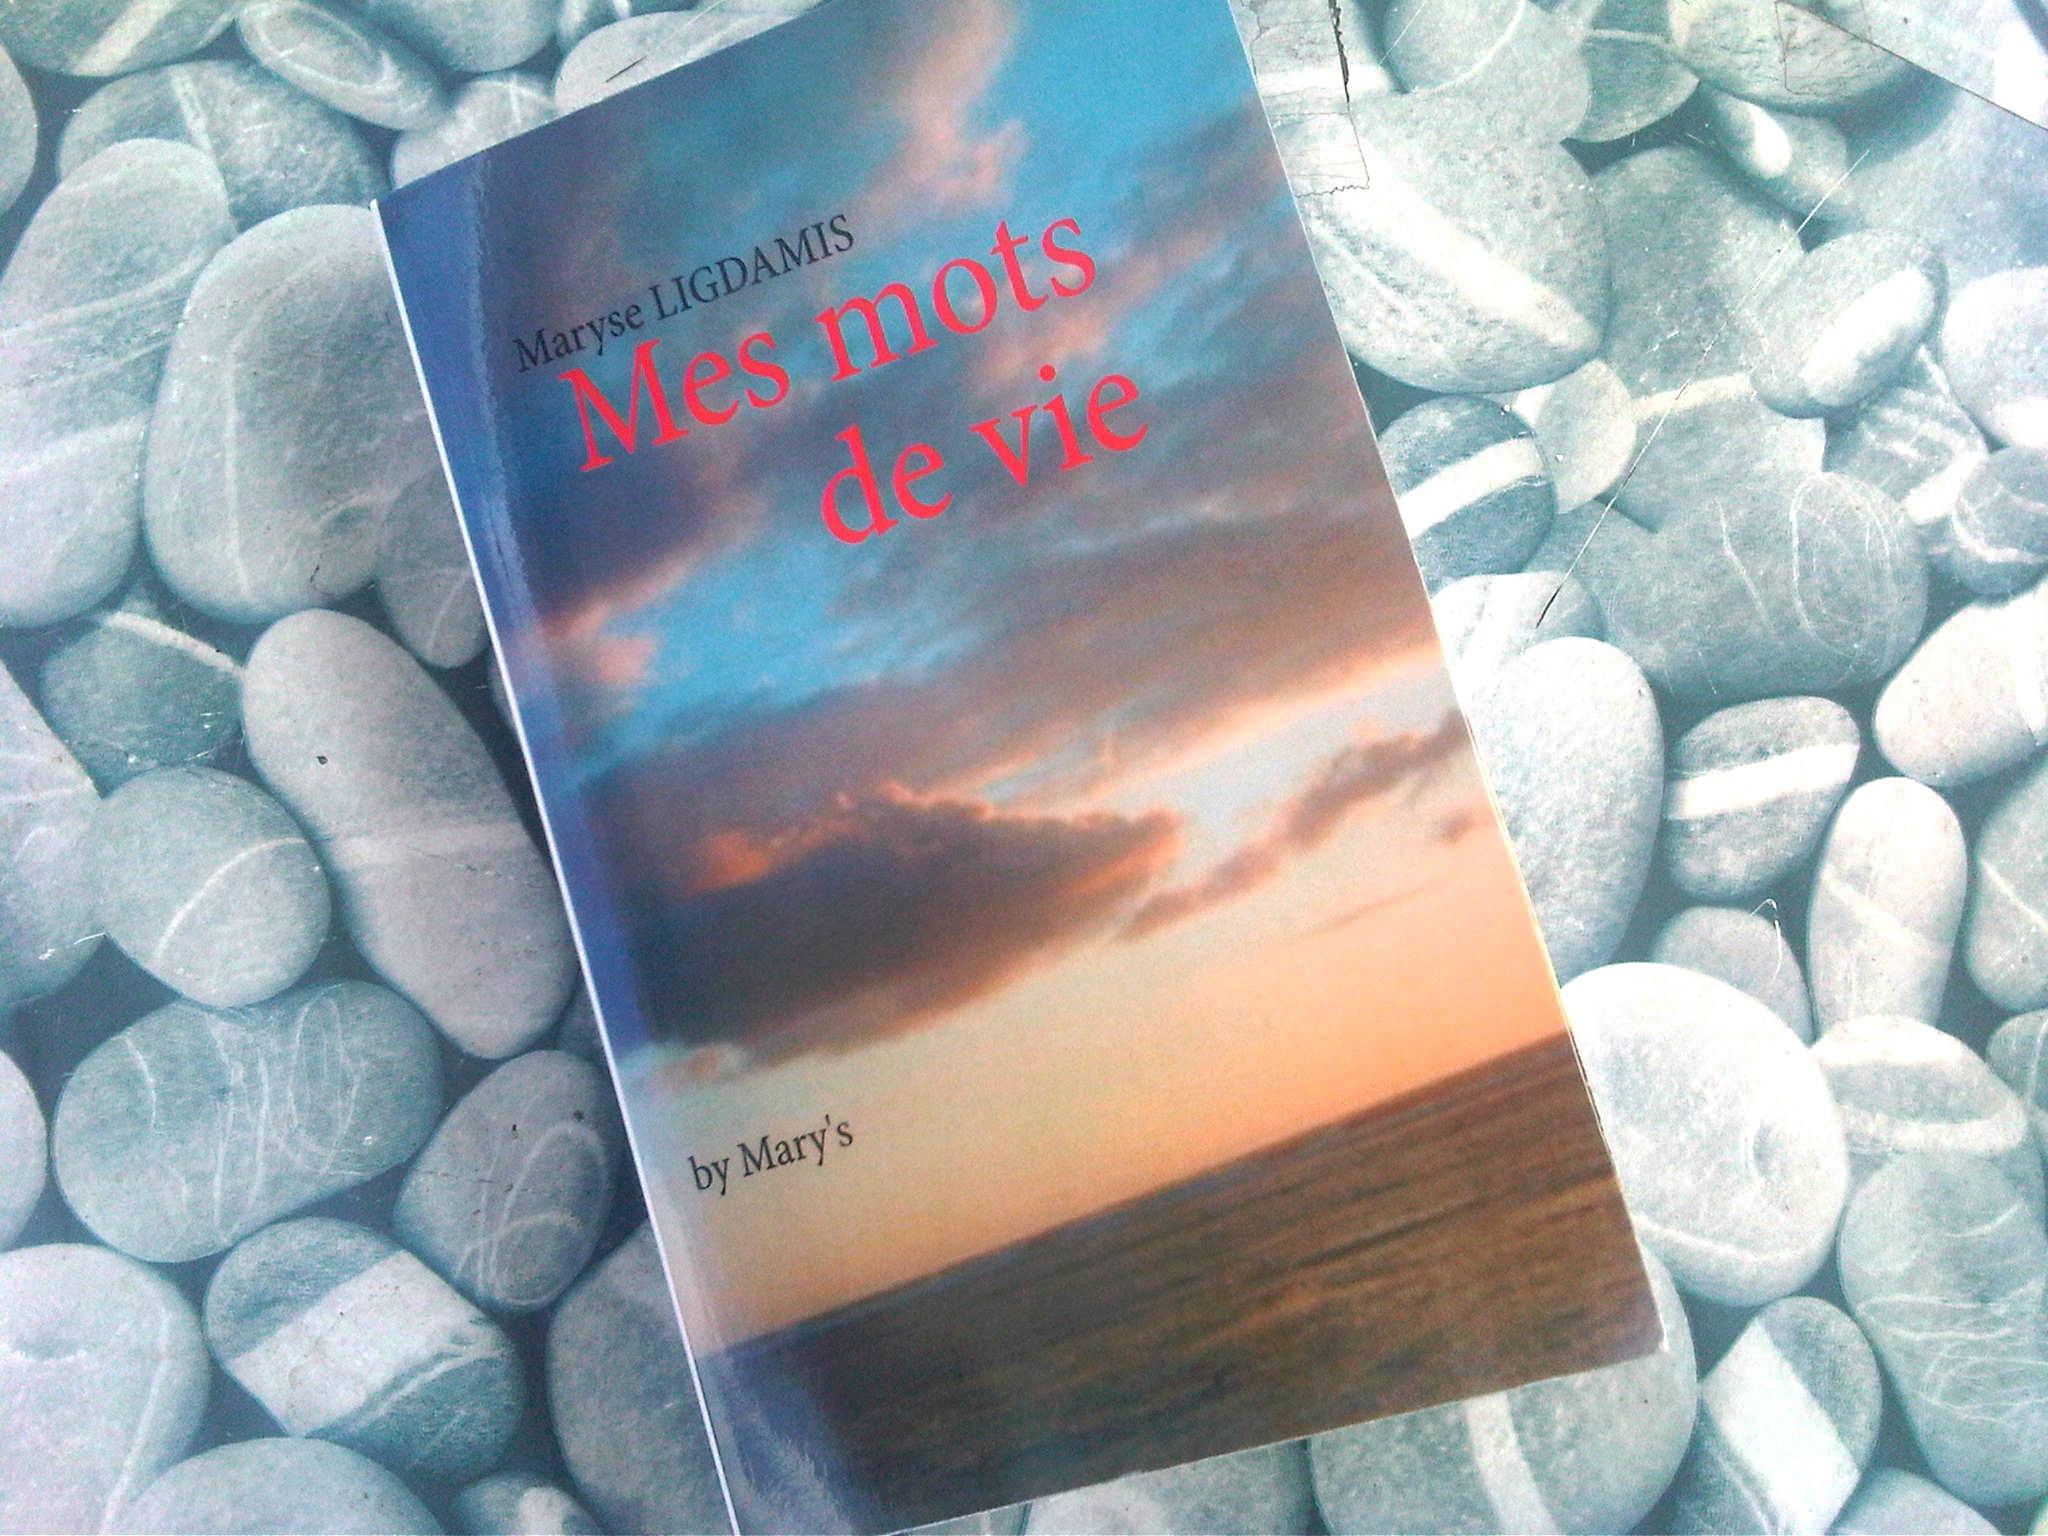 Mon livre: Mes mots de vie